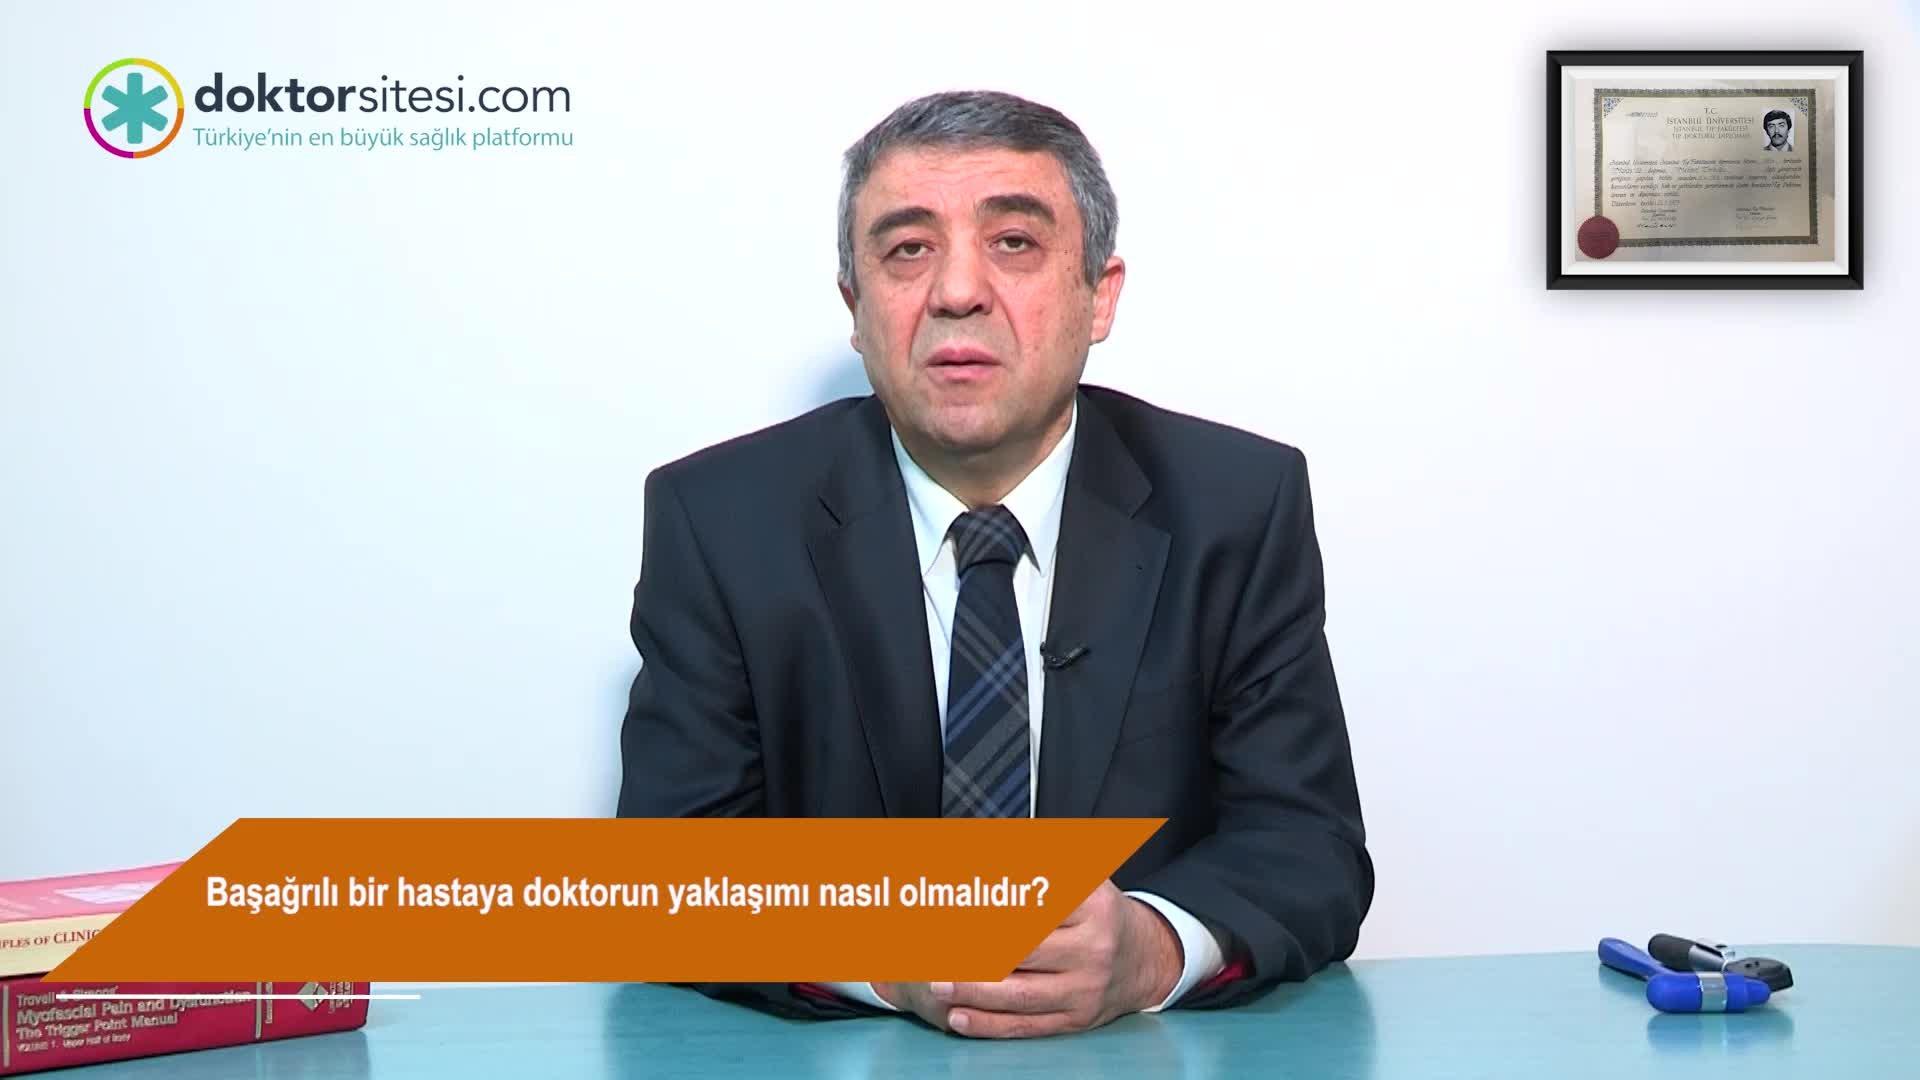 """Başağrılı bir hastaya doktorun yaklaşımı nasıl olmalıdır? """"Prof. Dr. Mehmet  ZARIFOĞLU"""""""